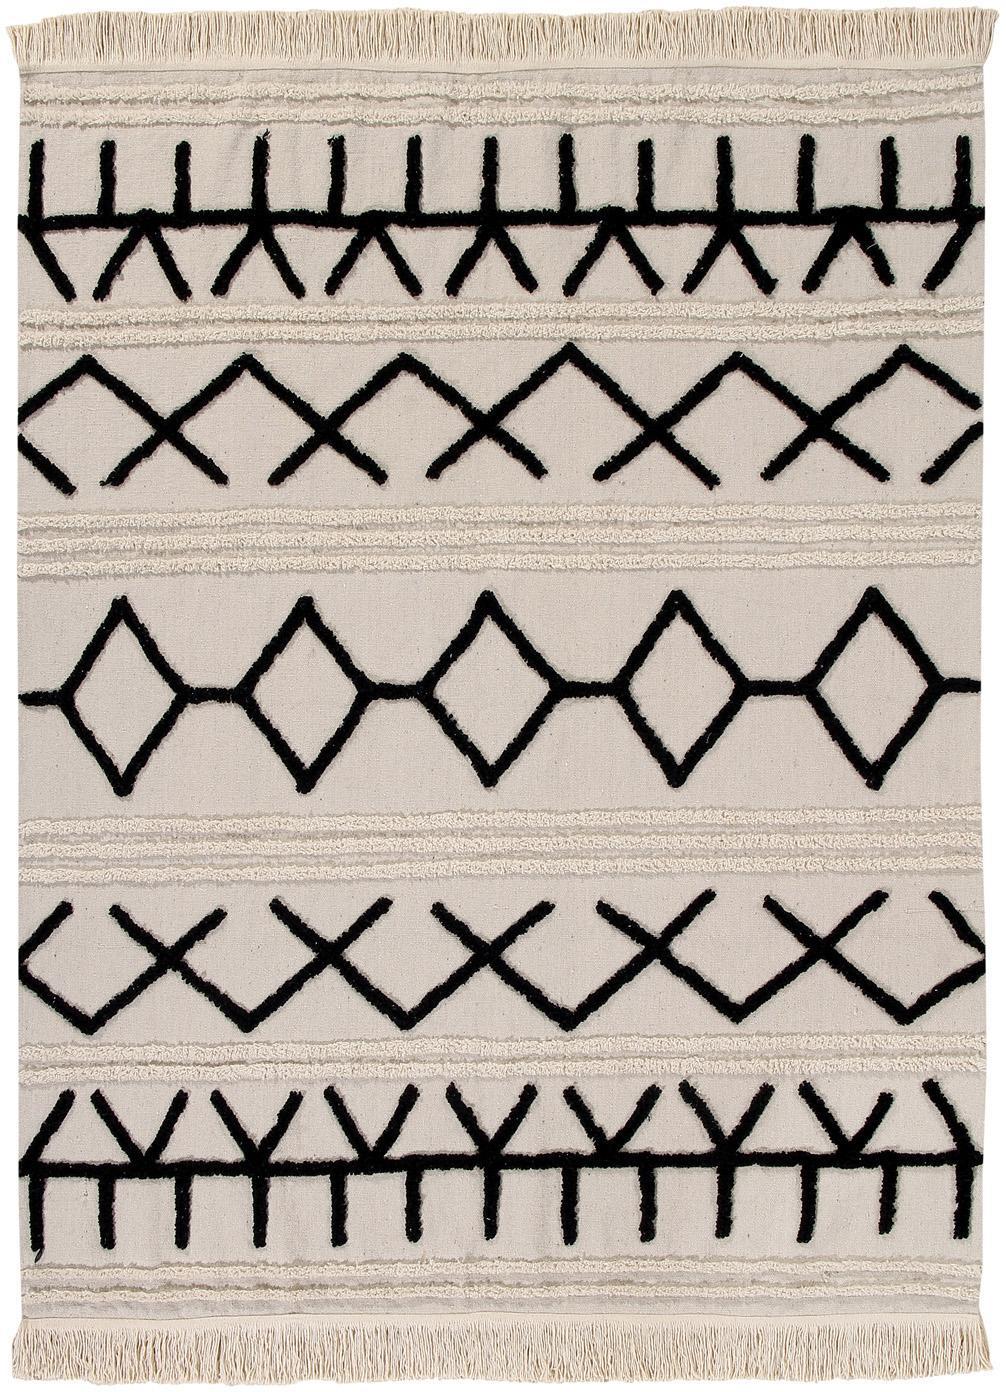 Teppich Berber, Flor: 60% Baumwolle, 40% recyce, Beige, Schwarz, B 120 x L 160 cm (Größe S)